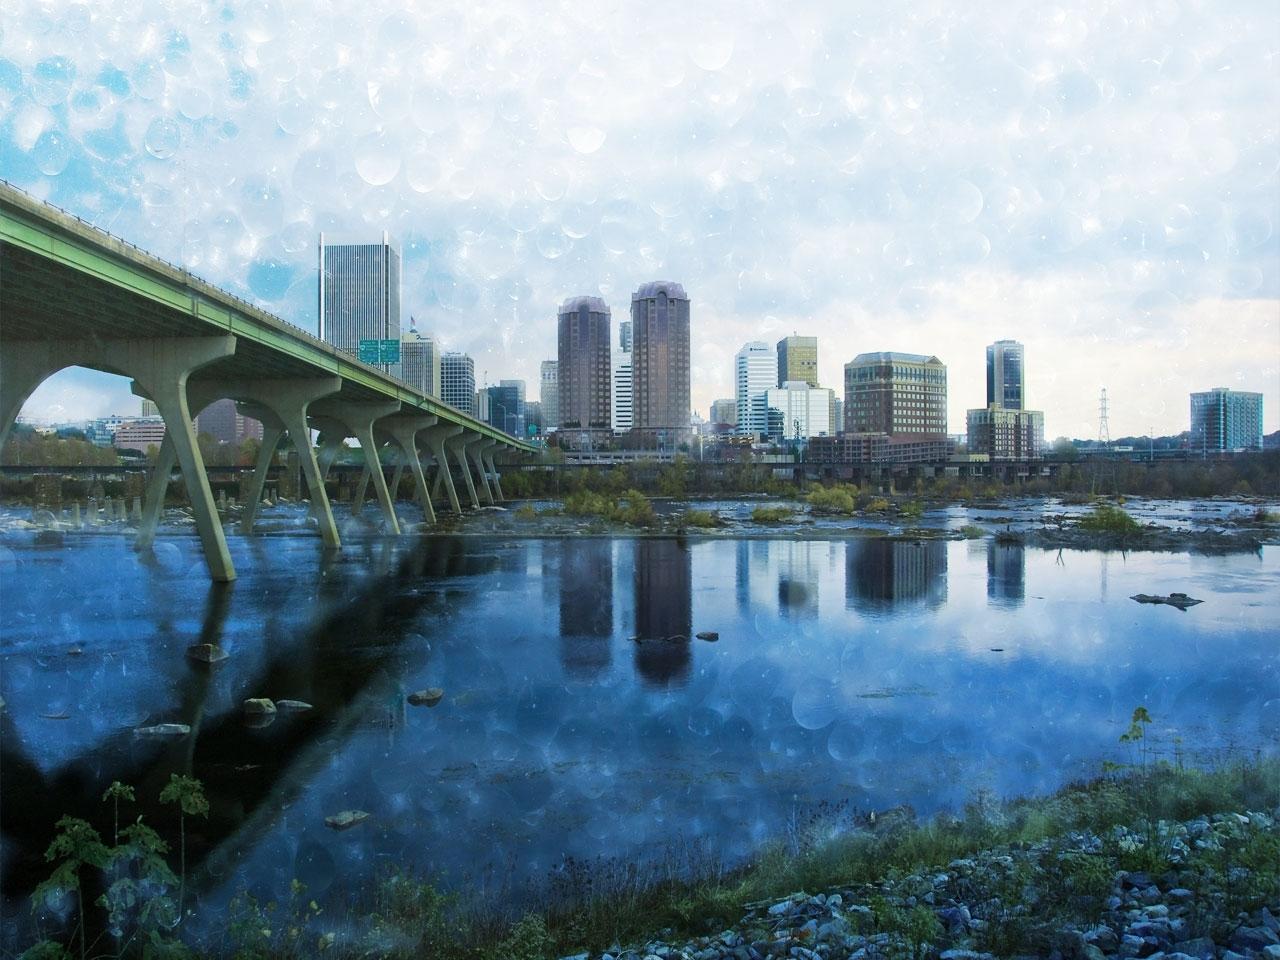 40869 скачать обои Пейзаж, Мосты, Архитектура - заставки и картинки бесплатно